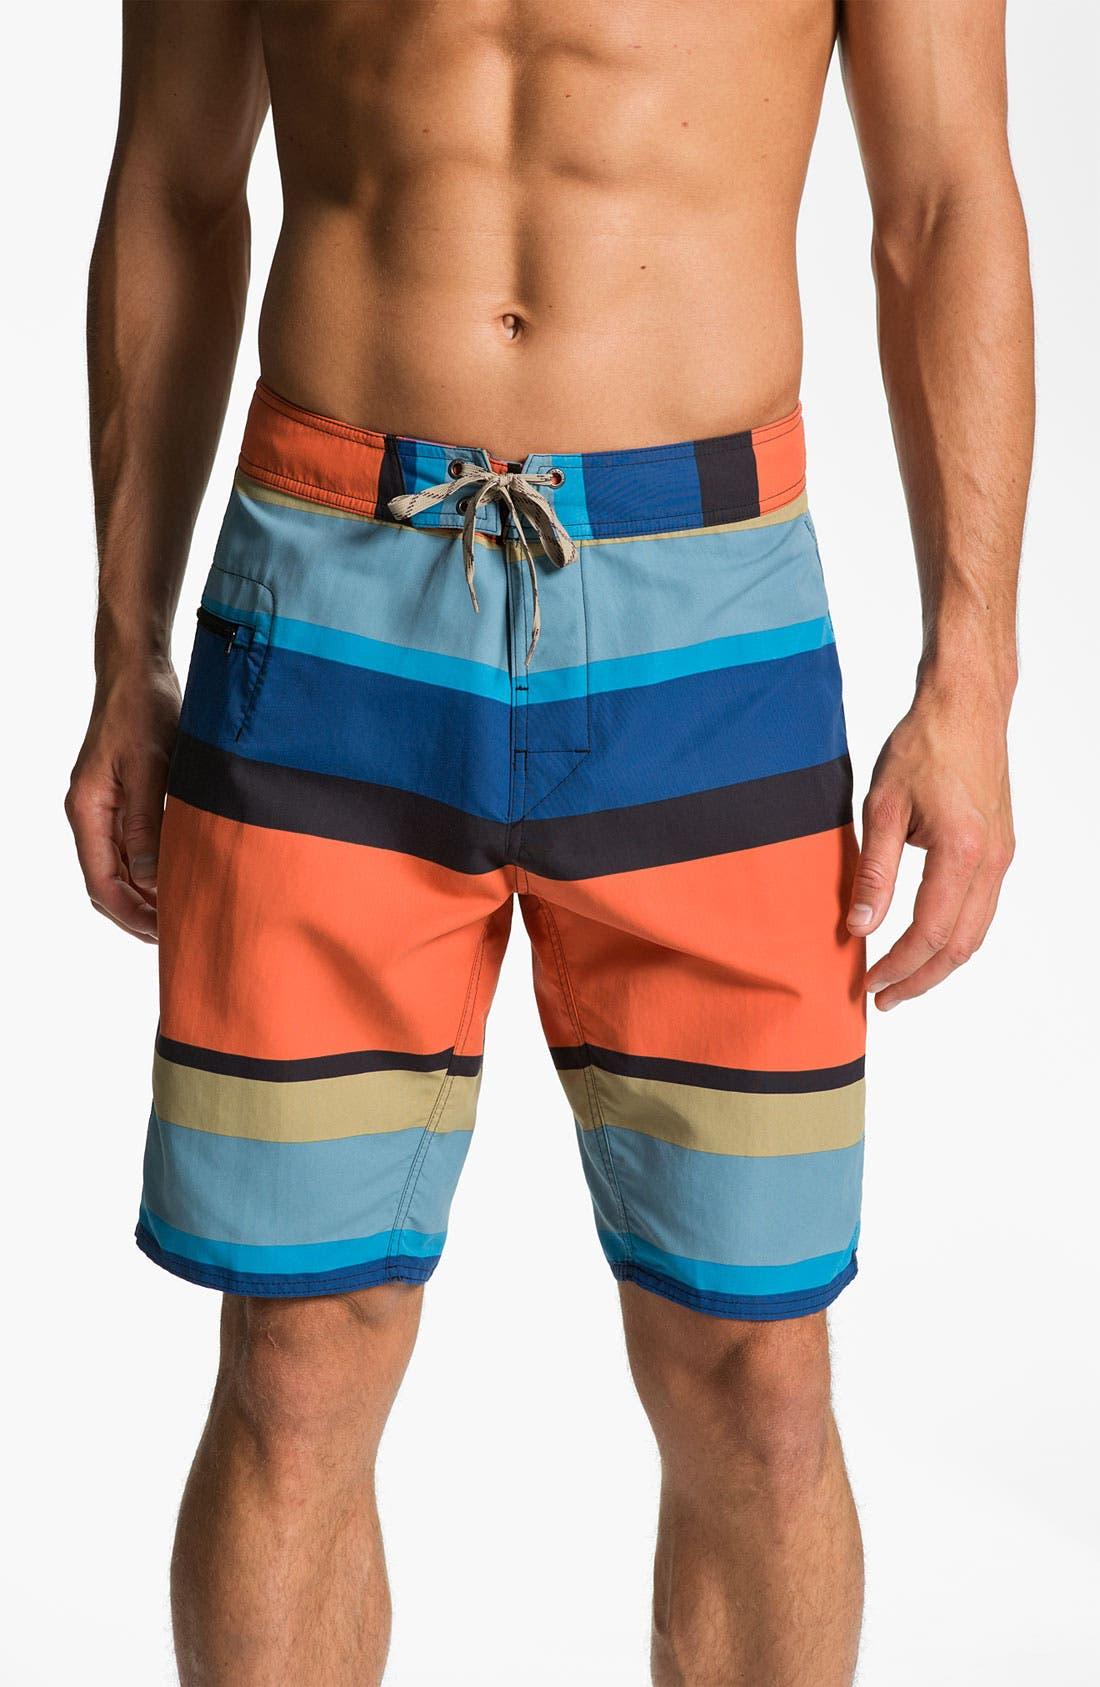 Alternate Image 1 Selected - Patagonia 'Wavefarer' Board Shorts (Men)